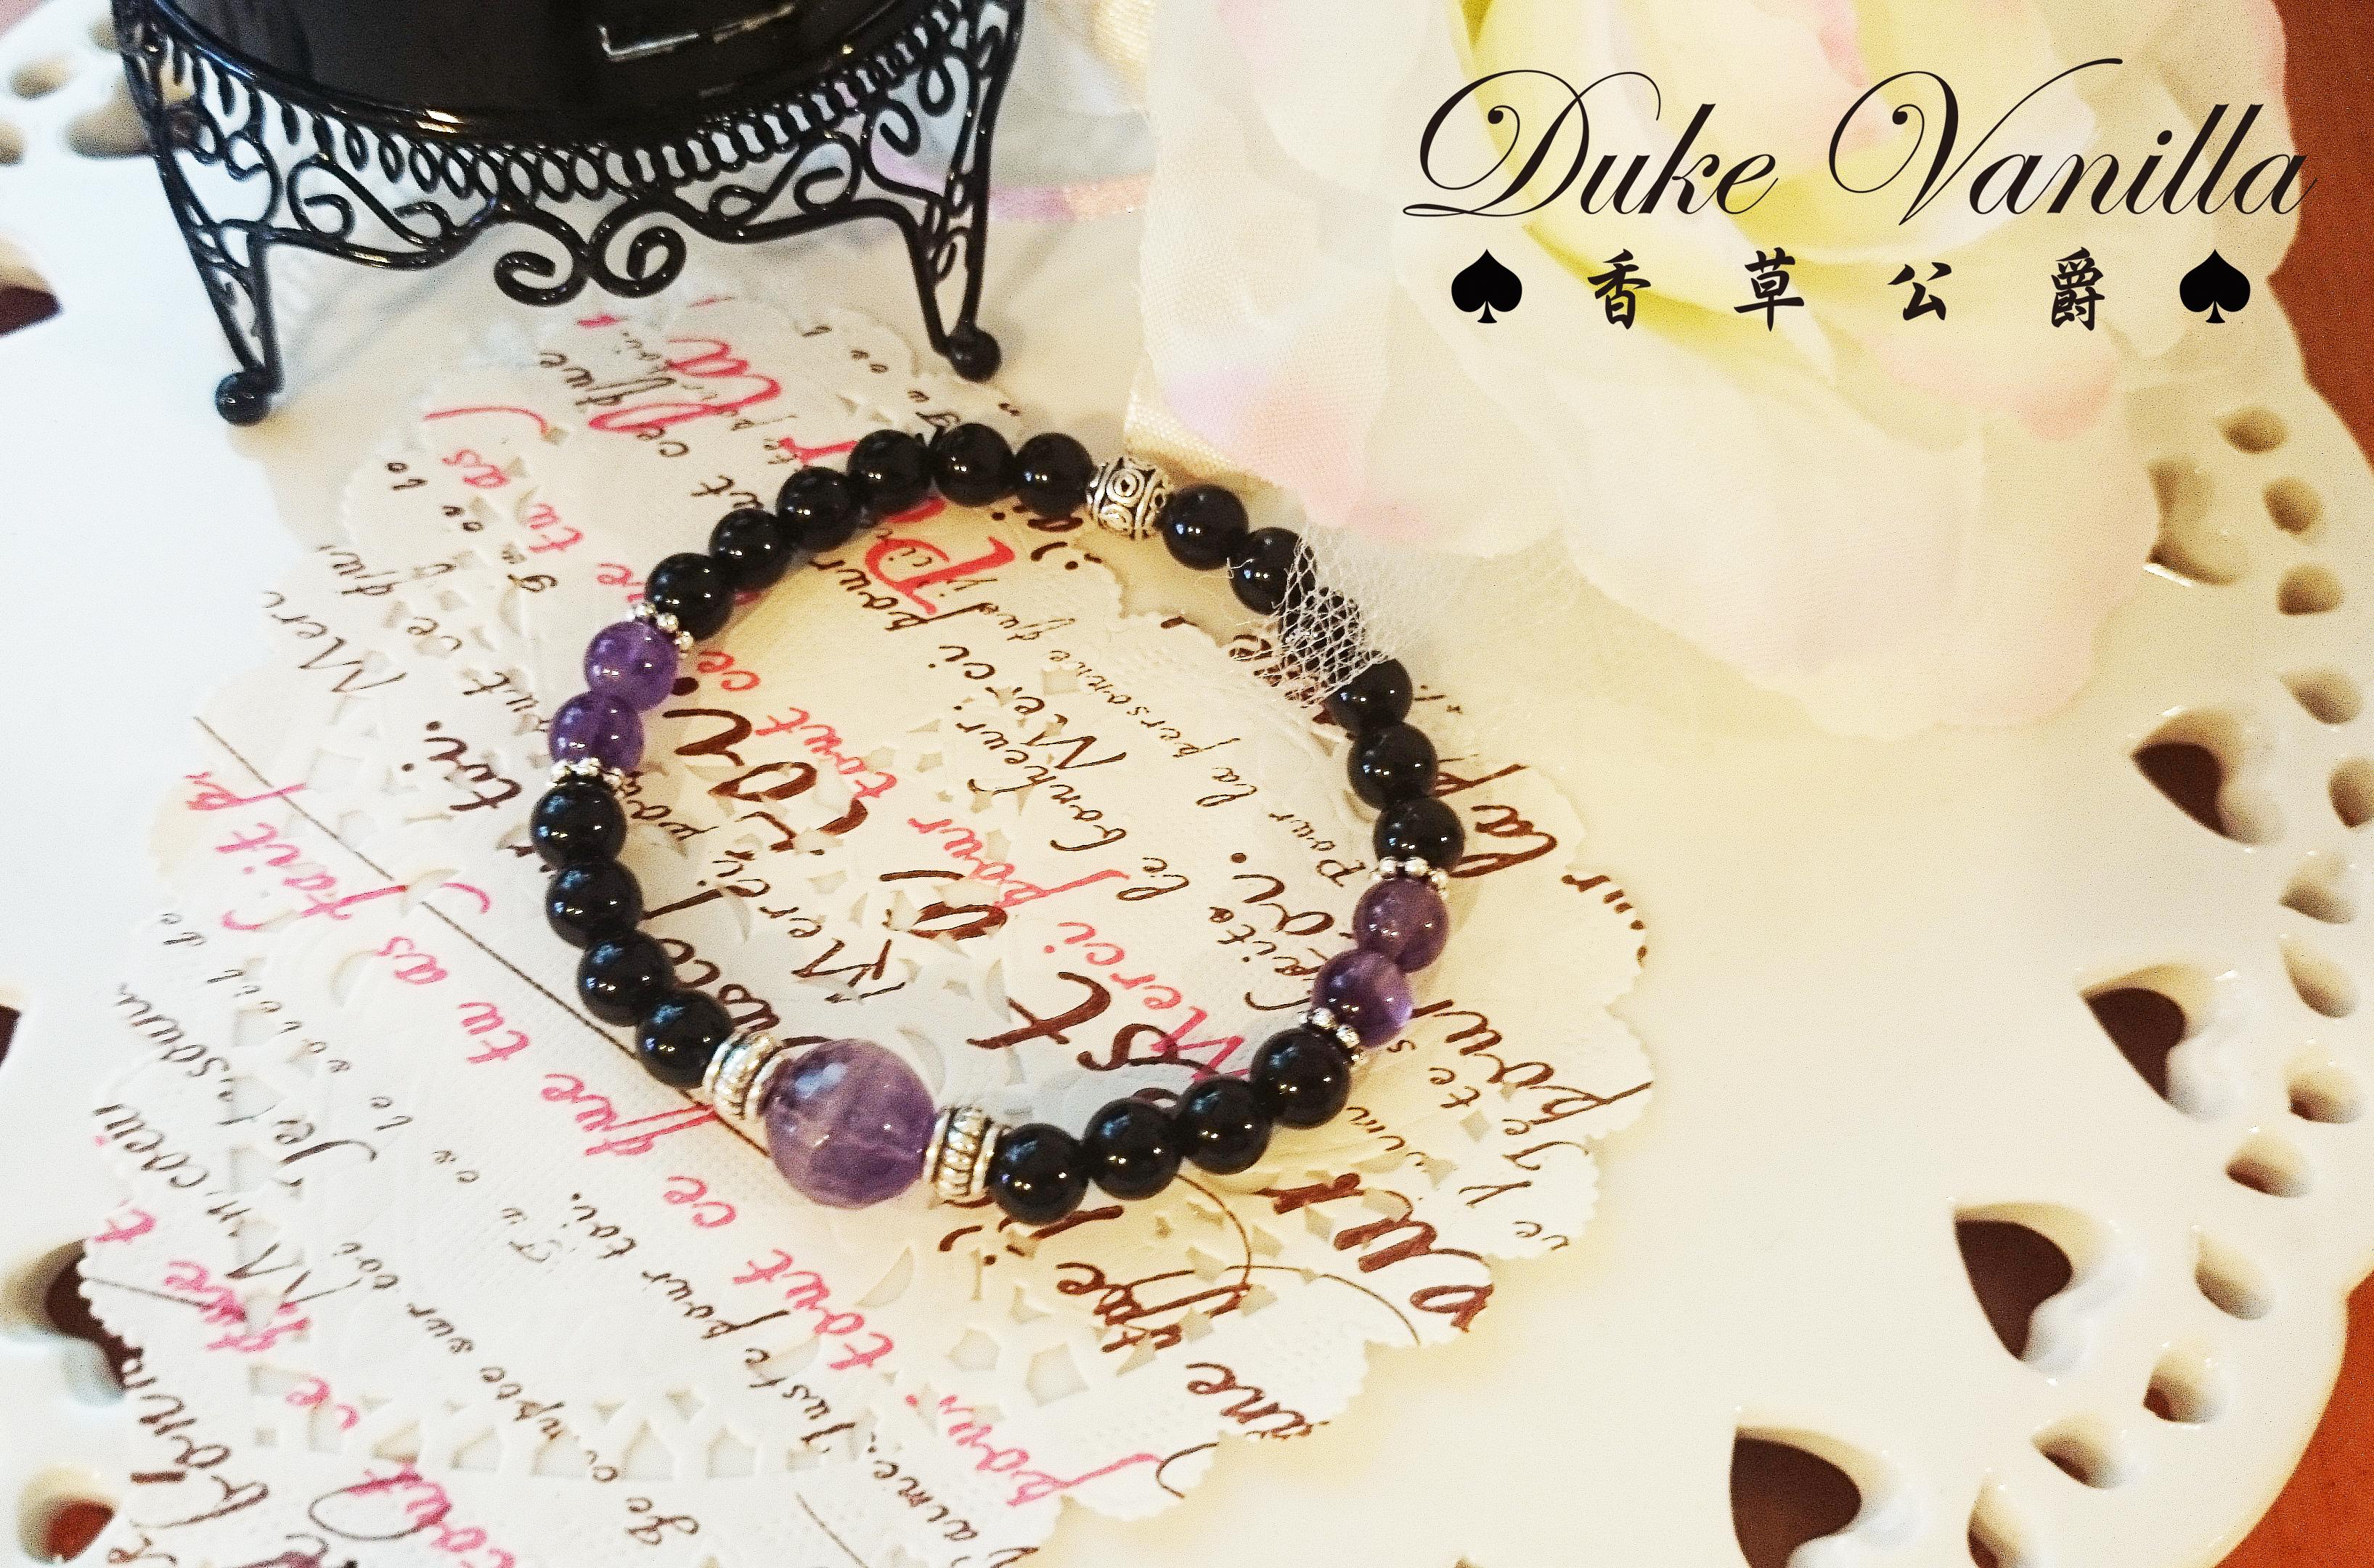 黑魔導*窄版黑瑪瑙紫晶古銀手環 - Duke Vanilla 香草公爵